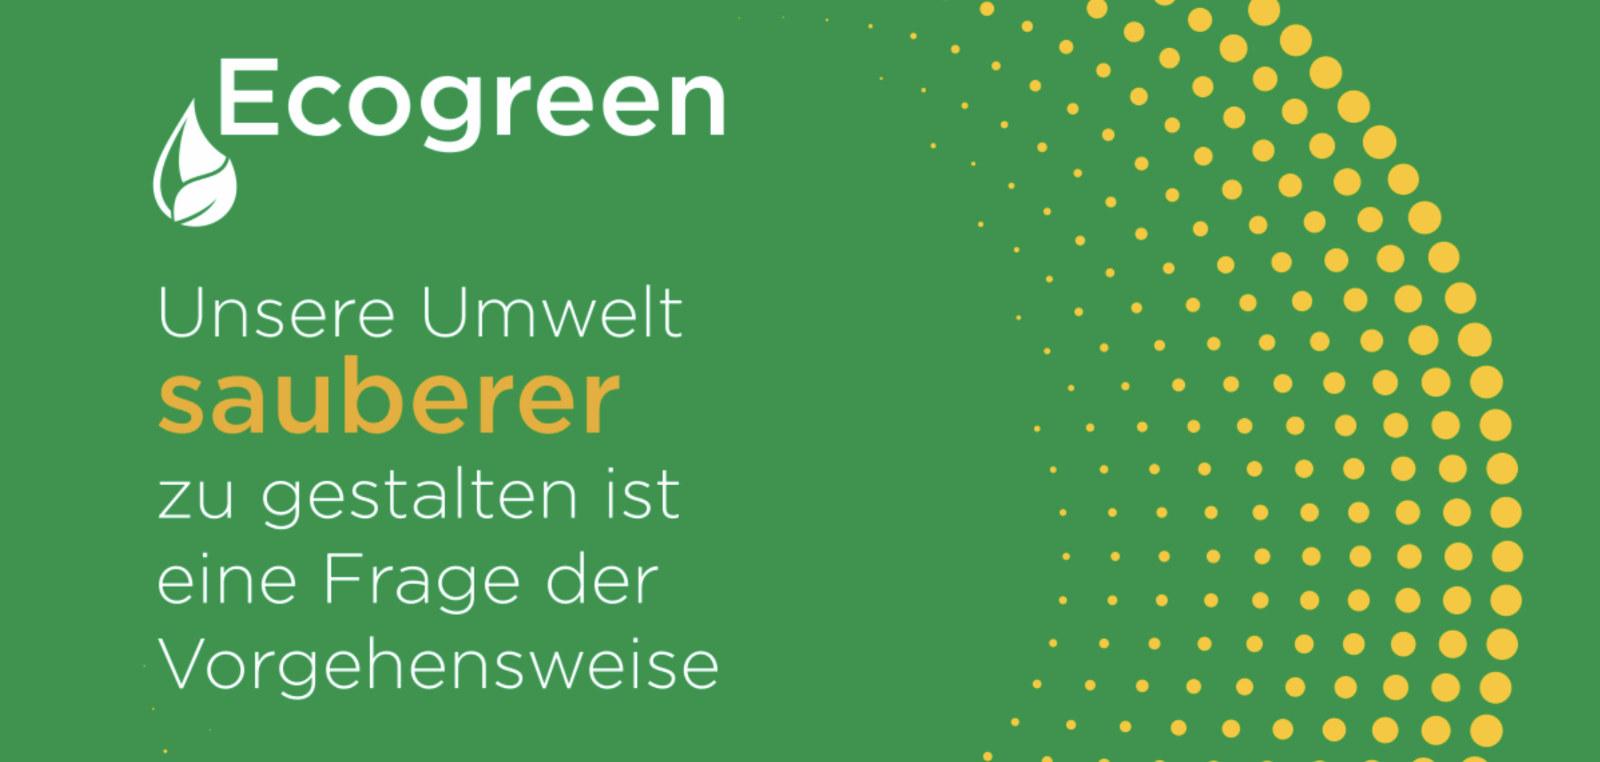 Ecogreen FL Reinigungstechnik - Reinigungsgeräte von adiatek - Desinfektion mit Ozon made in Italy - Jetzt auch in München